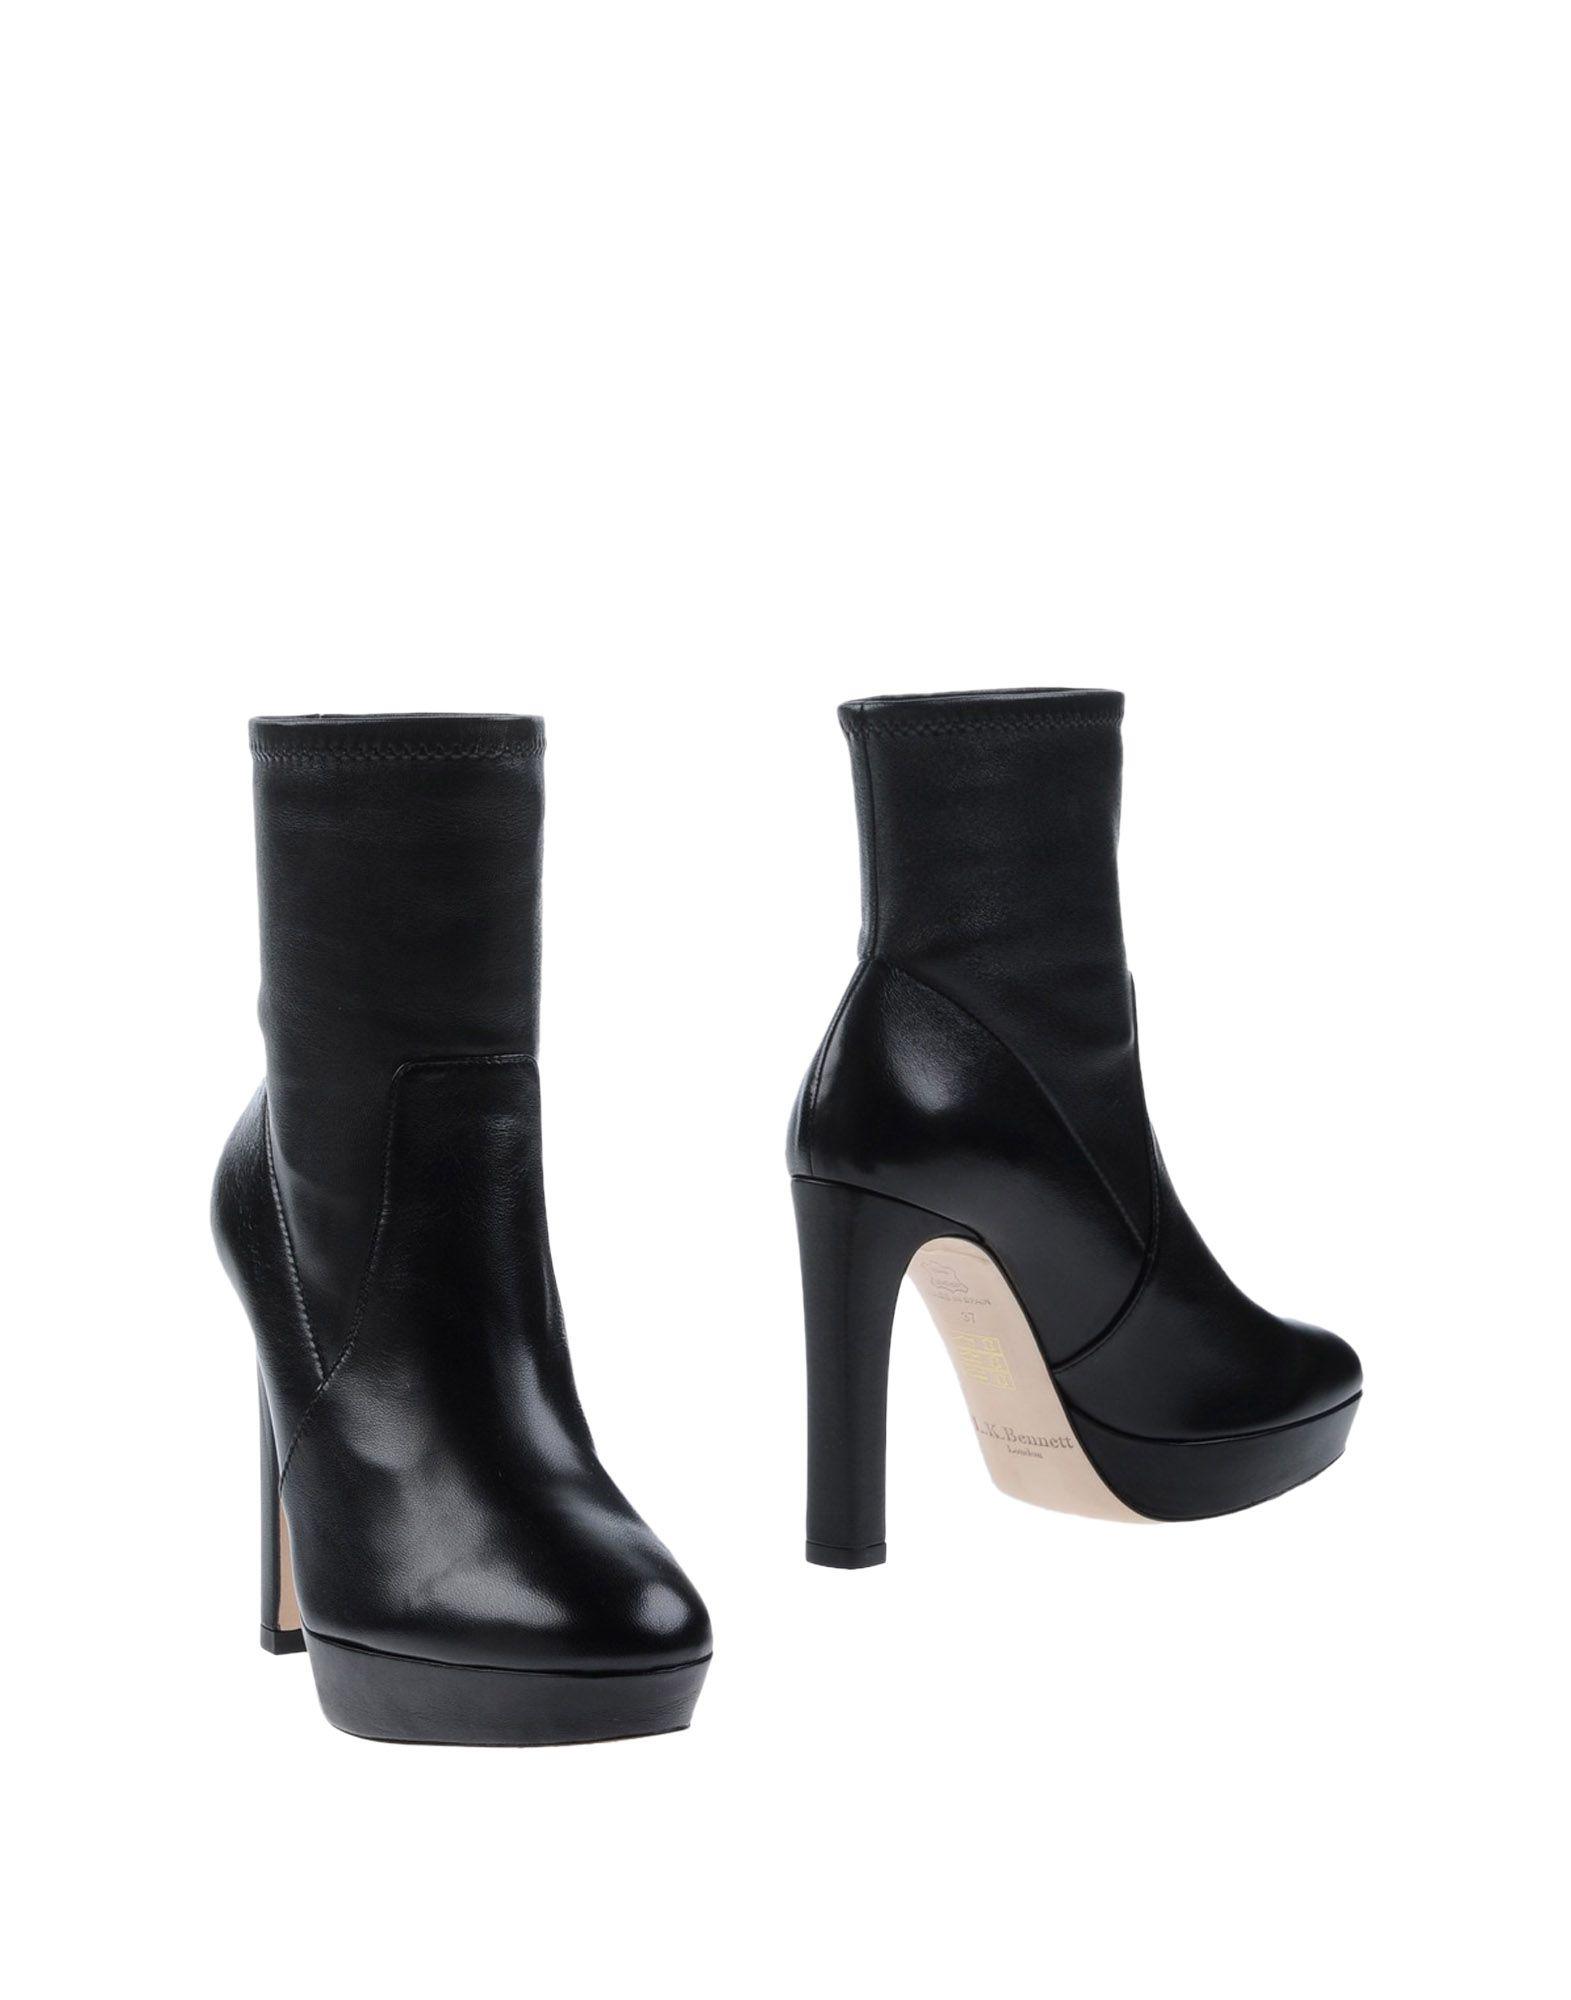 L.K. BENNETT Полусапоги и высокие ботинки цены онлайн